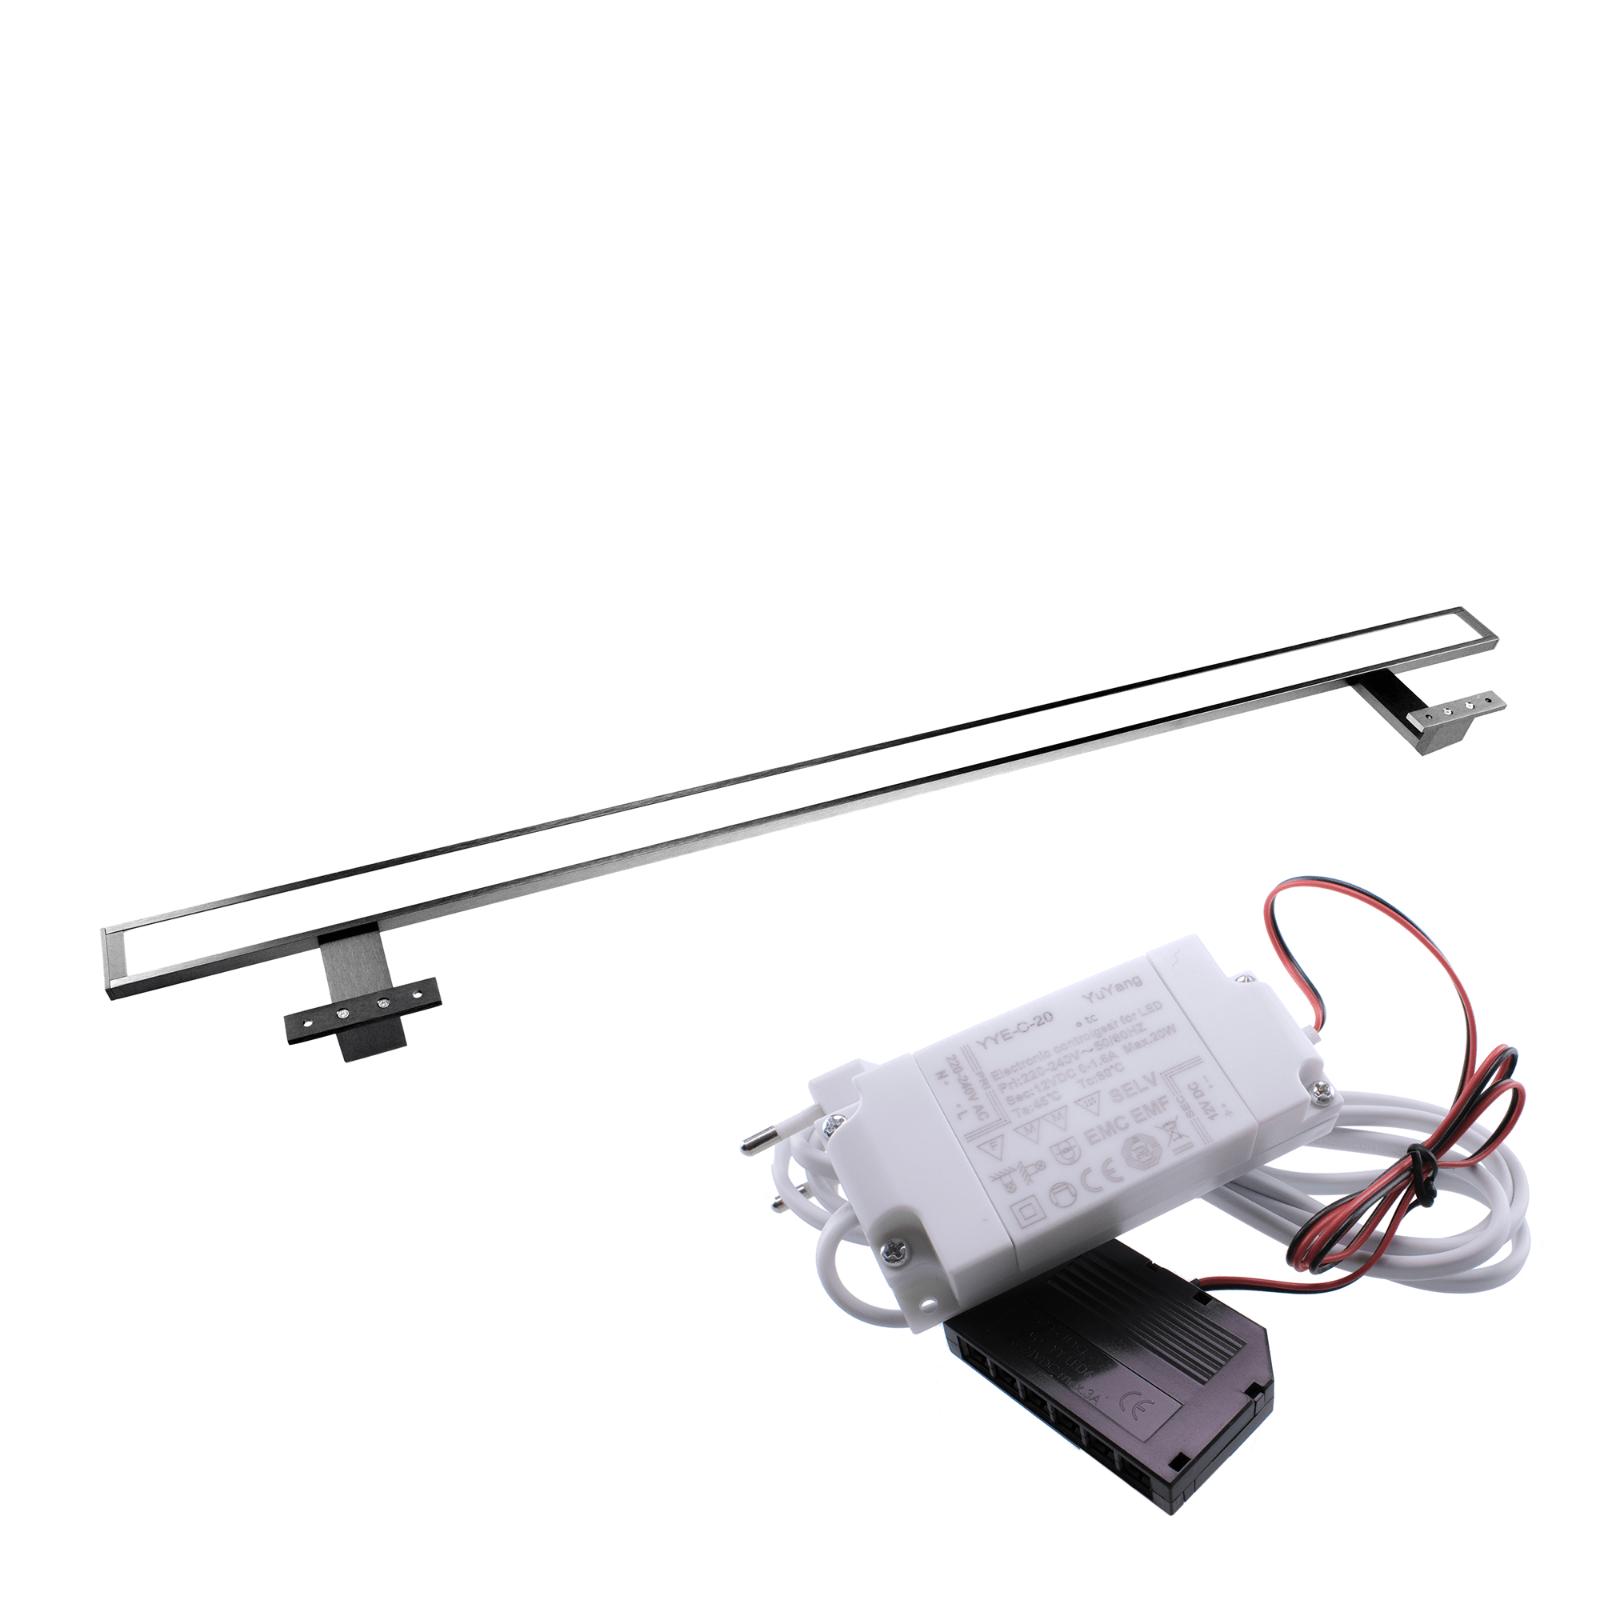 Degas A900 LED Aufbauleuchte 900mm 6500K Kaltweiß Spiegelleuchte Schranklampe